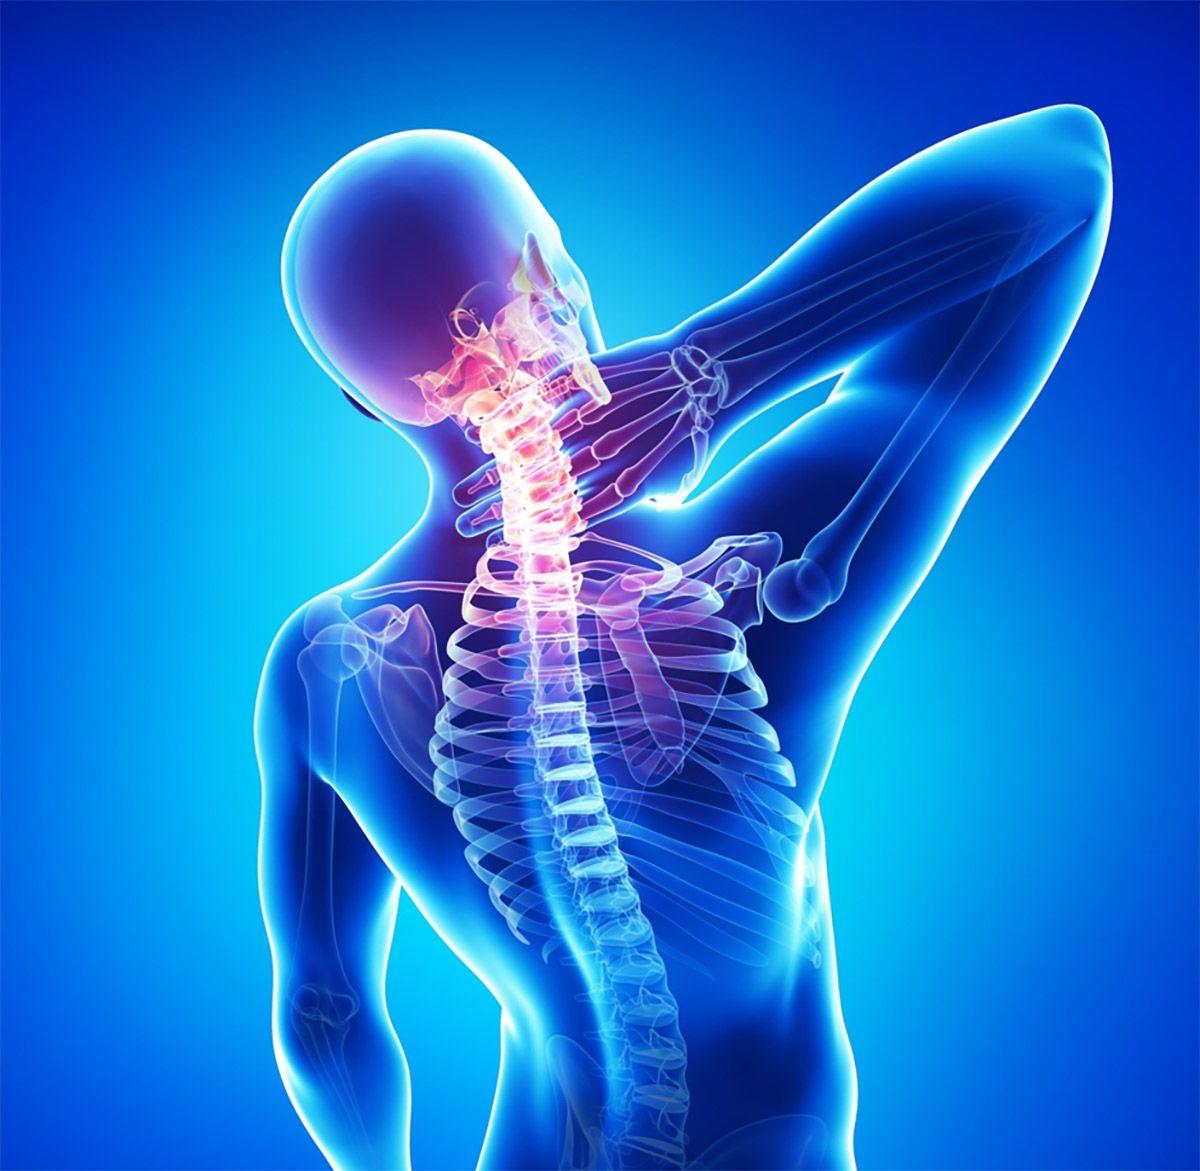 Trong một số trường hợp mổ thoái hóa cột sống cổ là phương pháp điều trị tối ưu nhất để giải quyết tình trạng bệnh